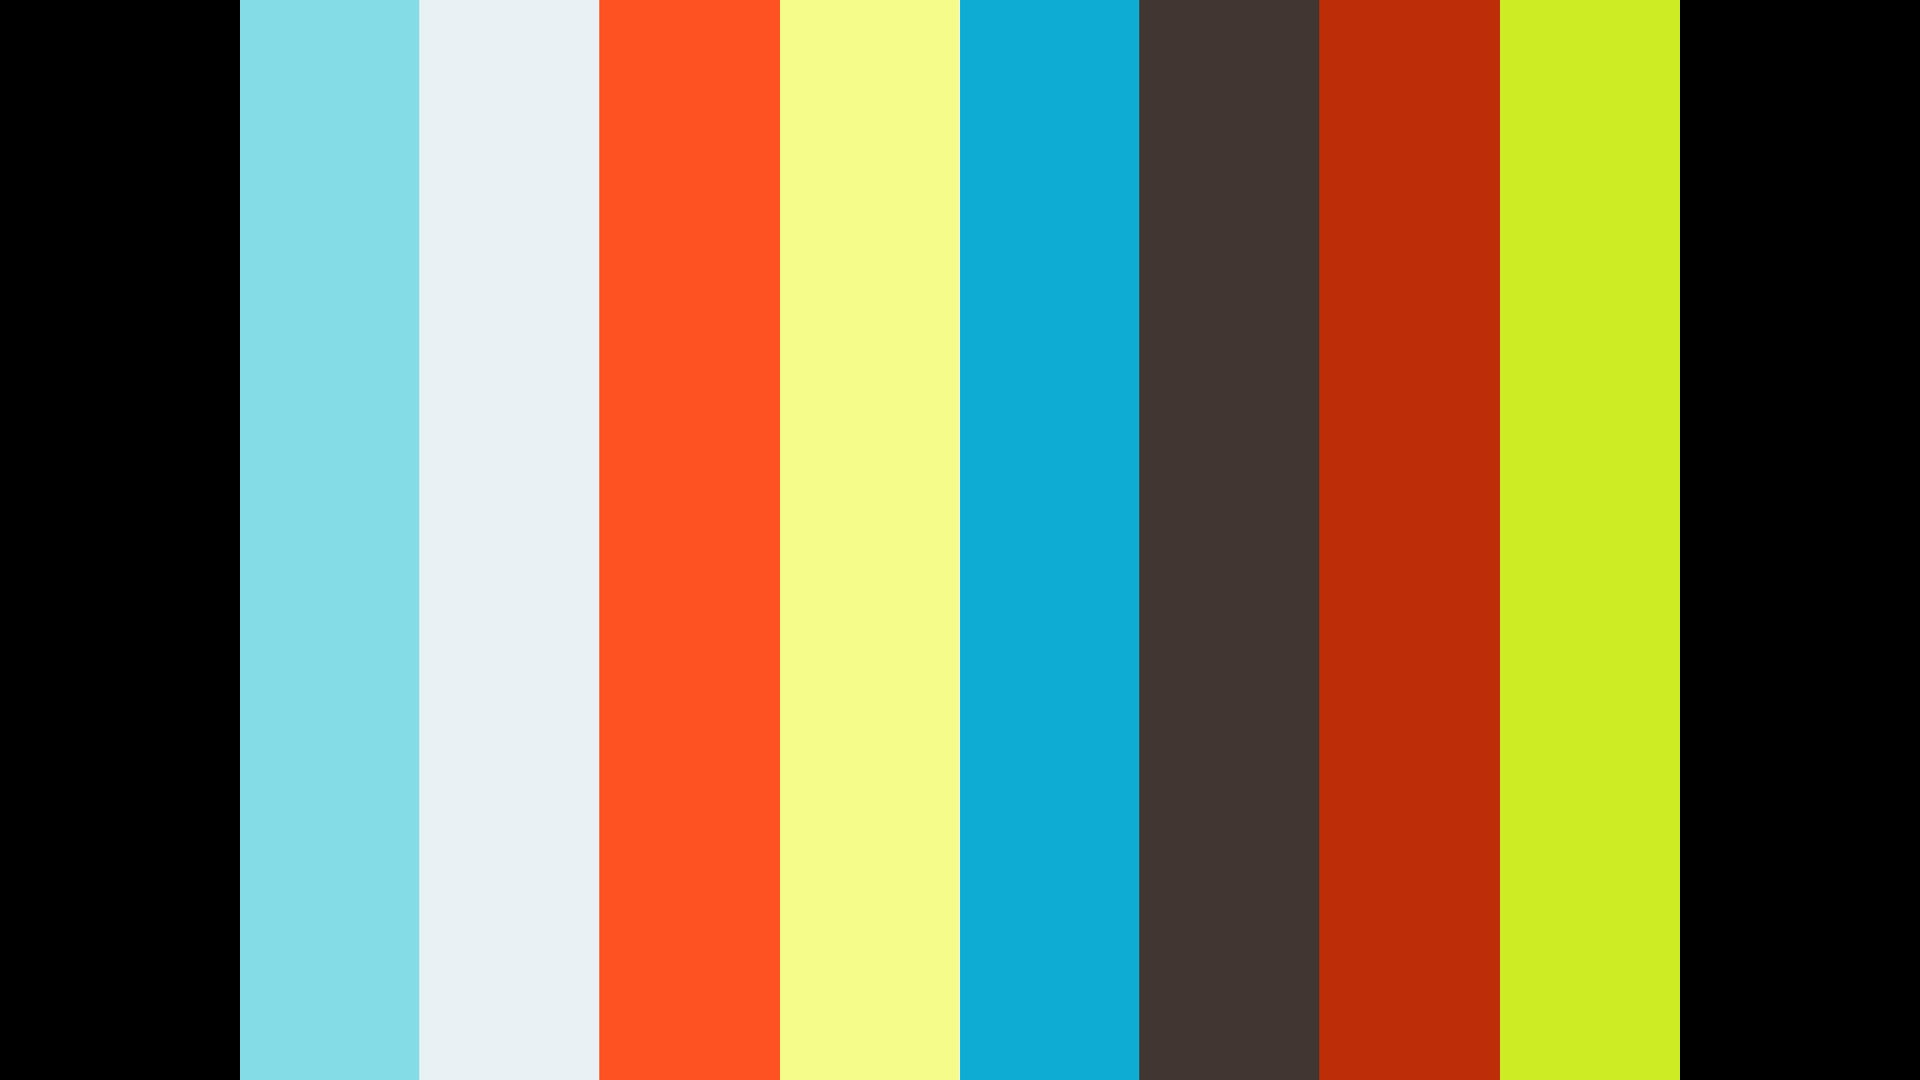 Vidéo Mobil outils (punchy, positif, accessible)